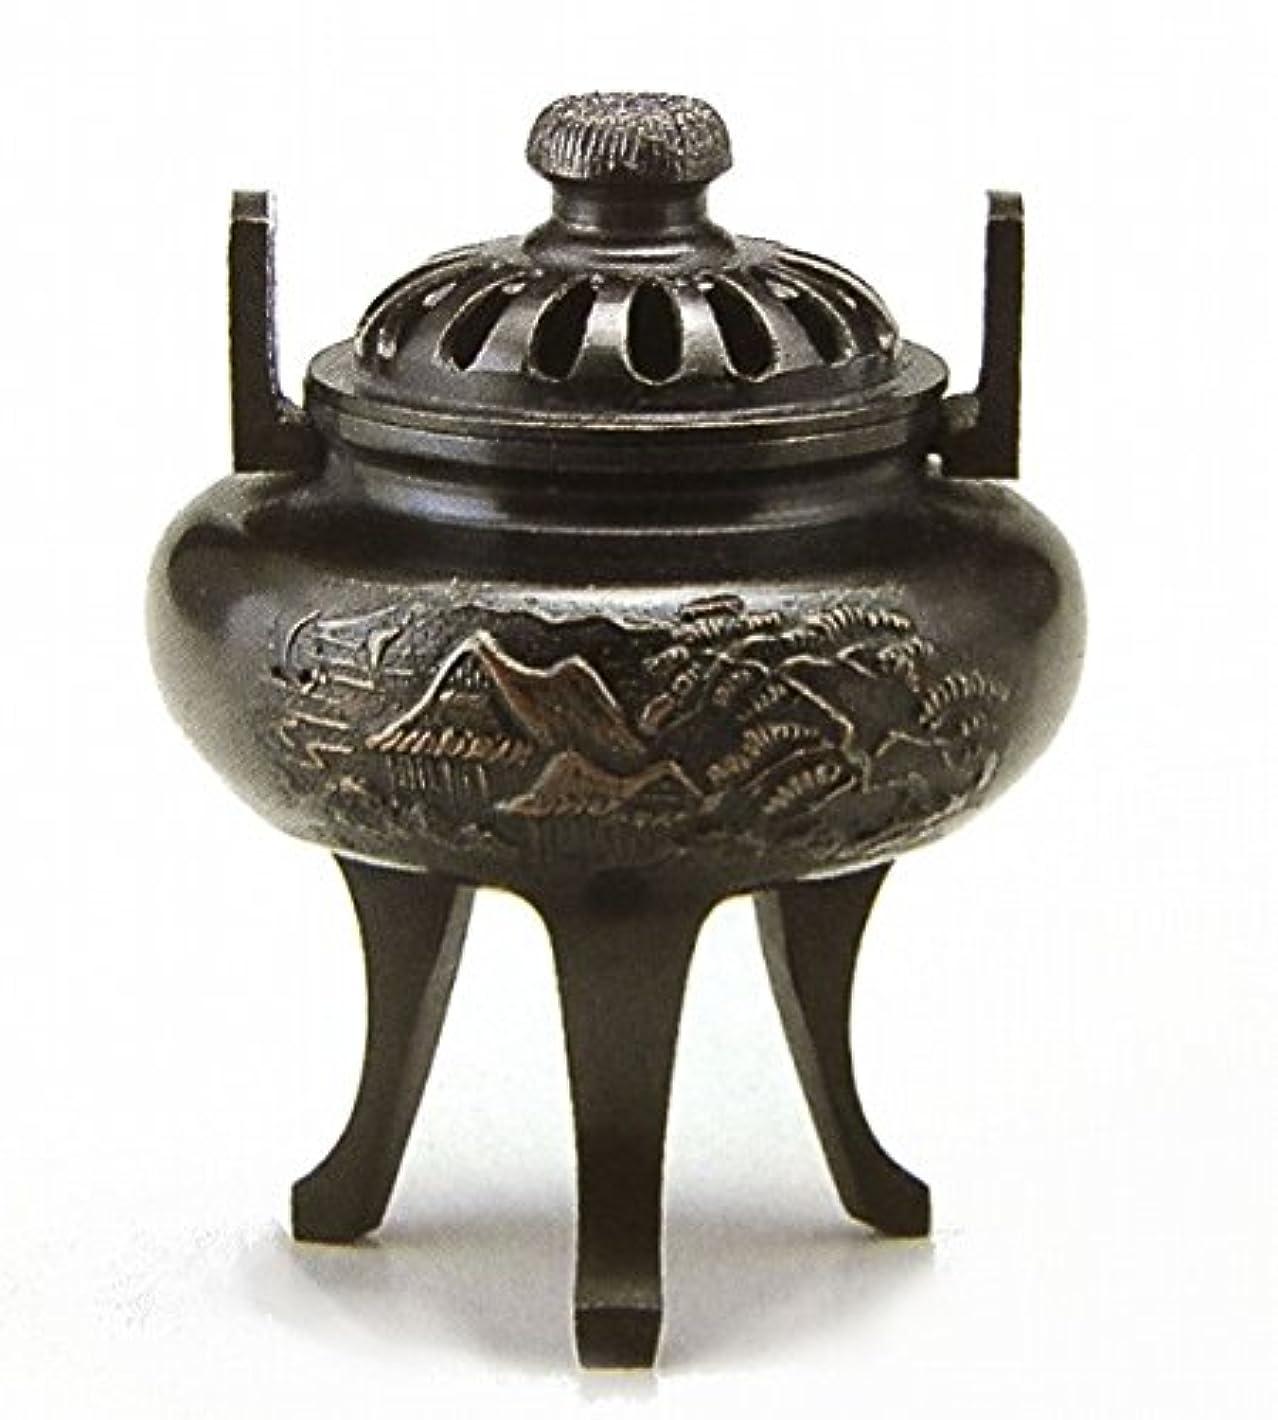 修羅場魔術師結果として『菊蓋山水香炉』銅製